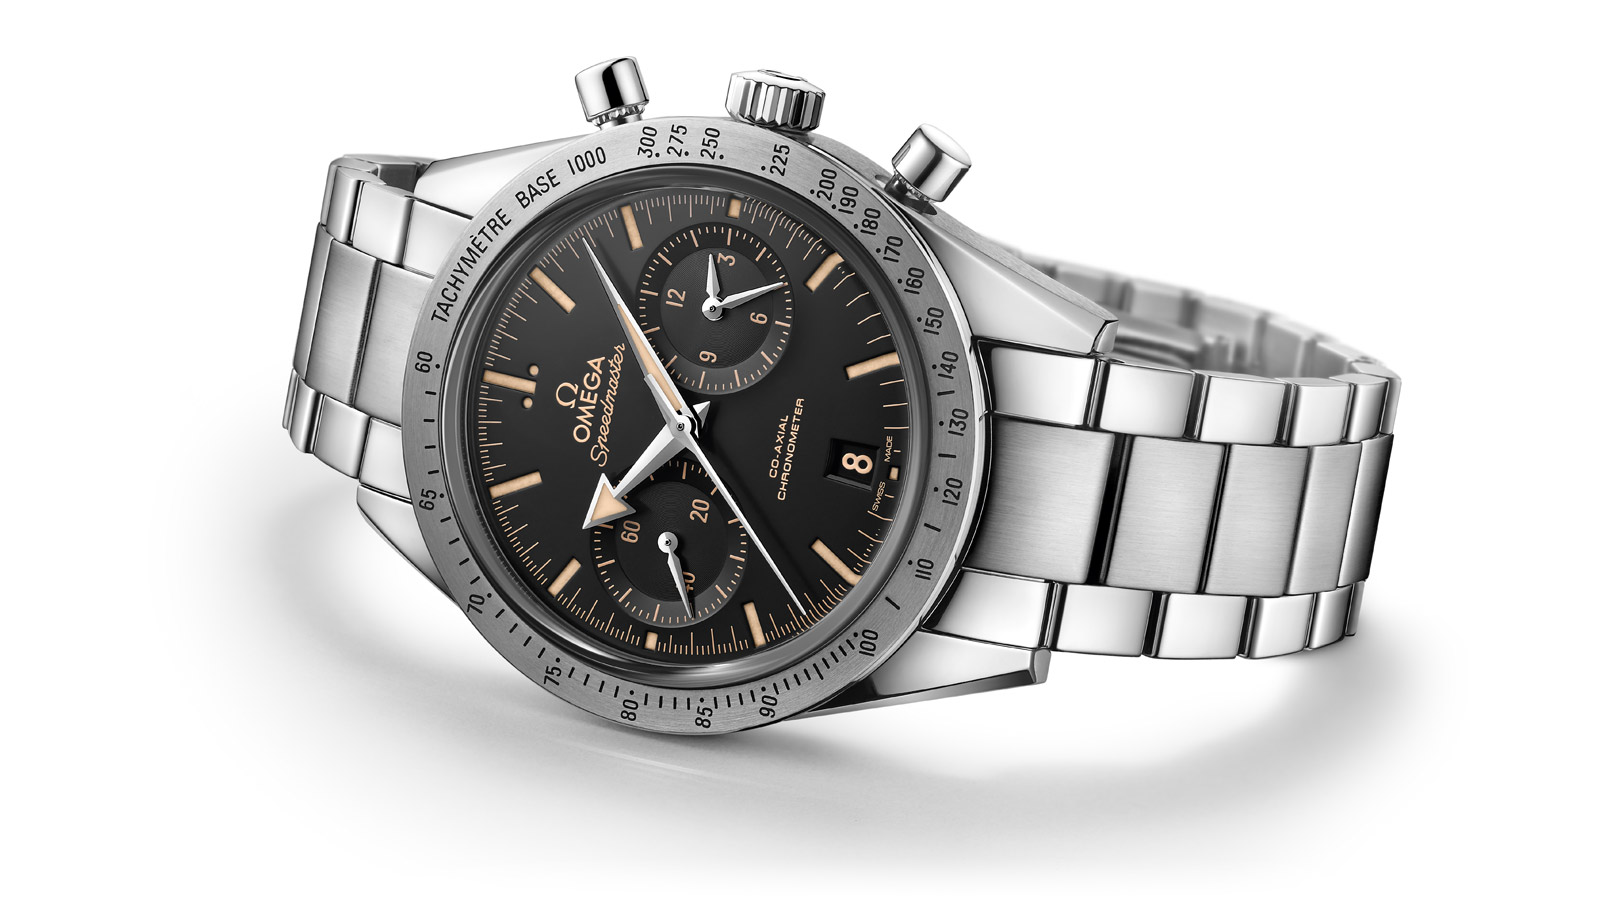 Top 5 luxury watch brands